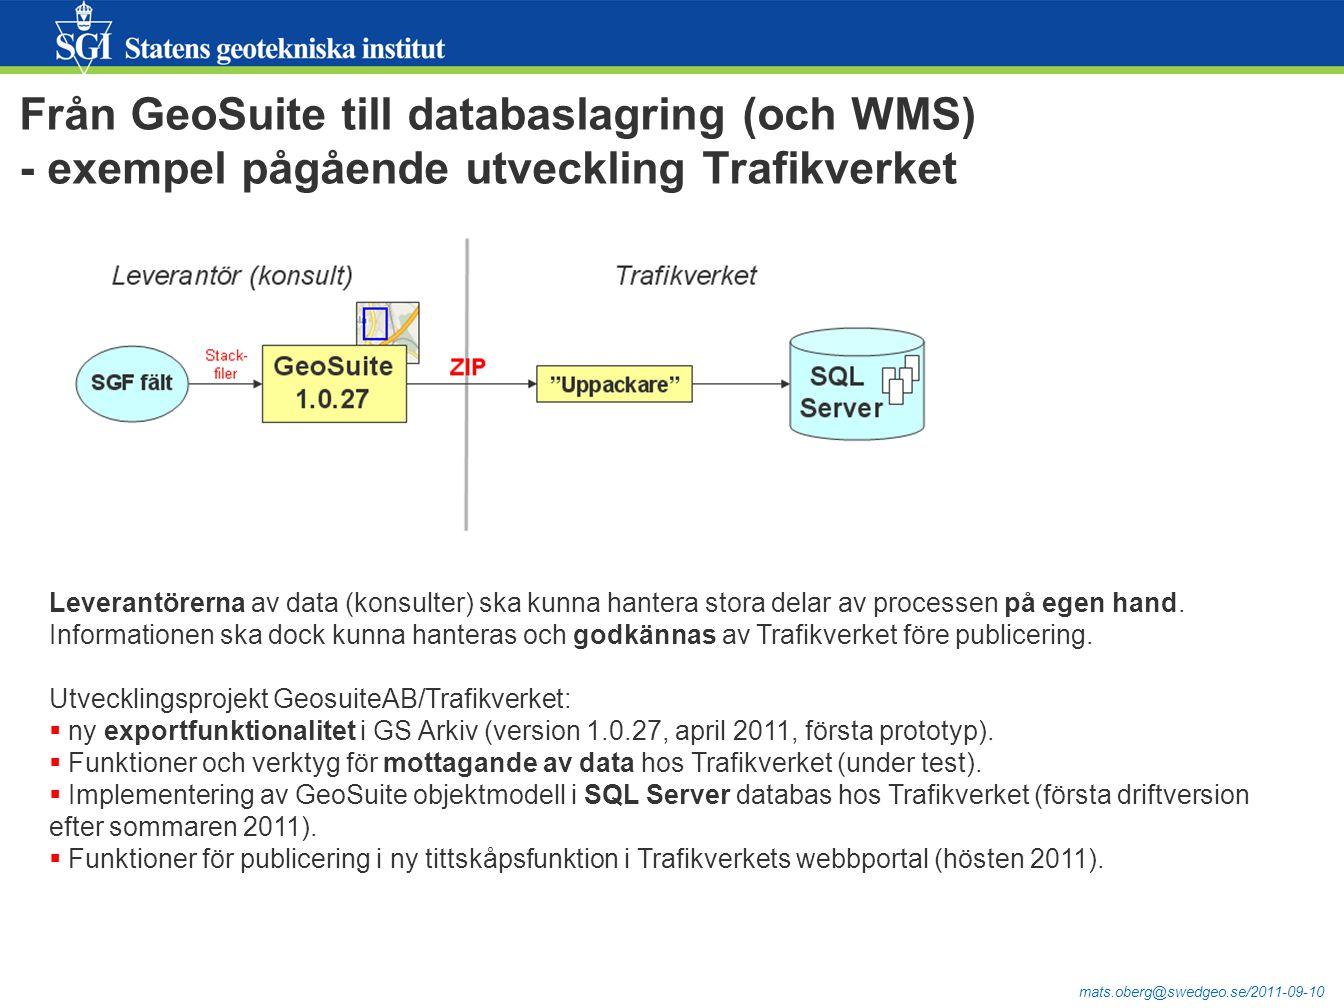 mats.oberg@swedgeo.se/2011-09-10 Från GeoSuite till databaslagring (och WMS) - exempel pågående utveckling Trafikverket Leverantörerna av data (konsulter) ska kunna hantera stora delar av processen på egen hand.